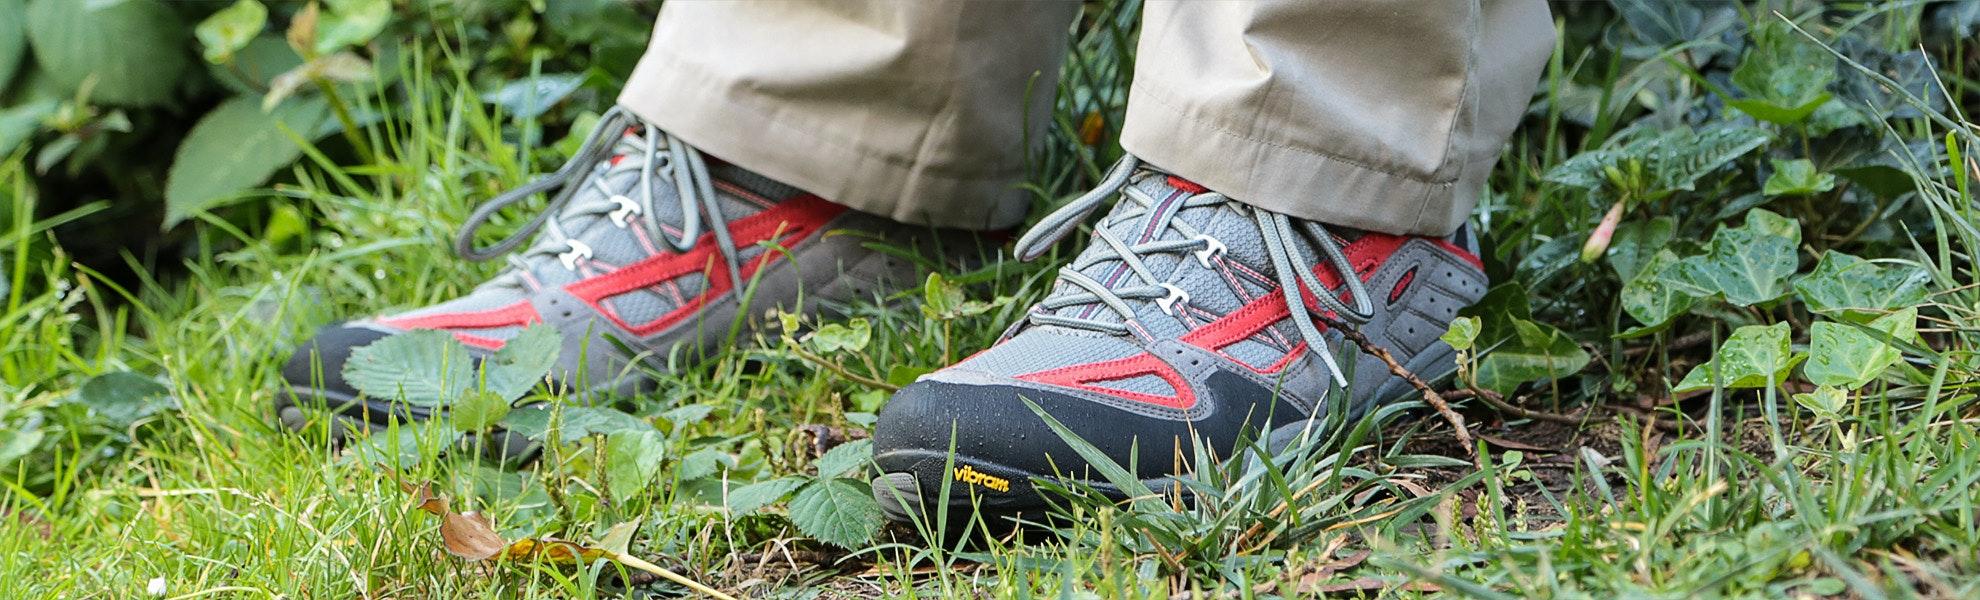 Asolo Waterproof Footwear